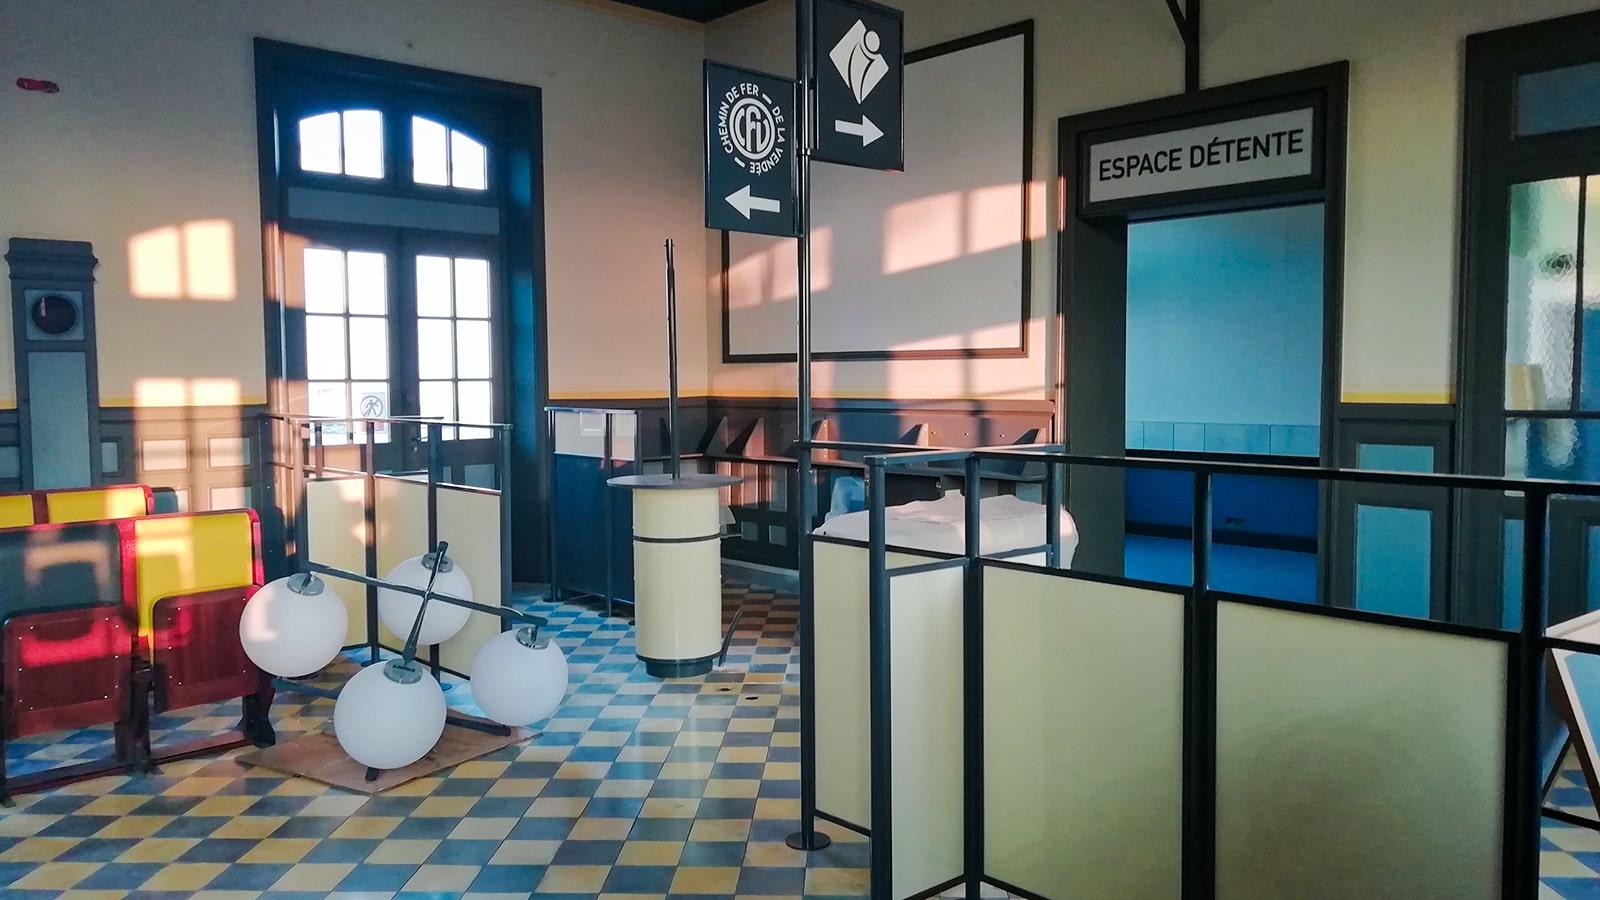 EFI Design Projet Office De Tourisme Mortagne Sur Sèvre Article Blog Efi Design (2) 1439